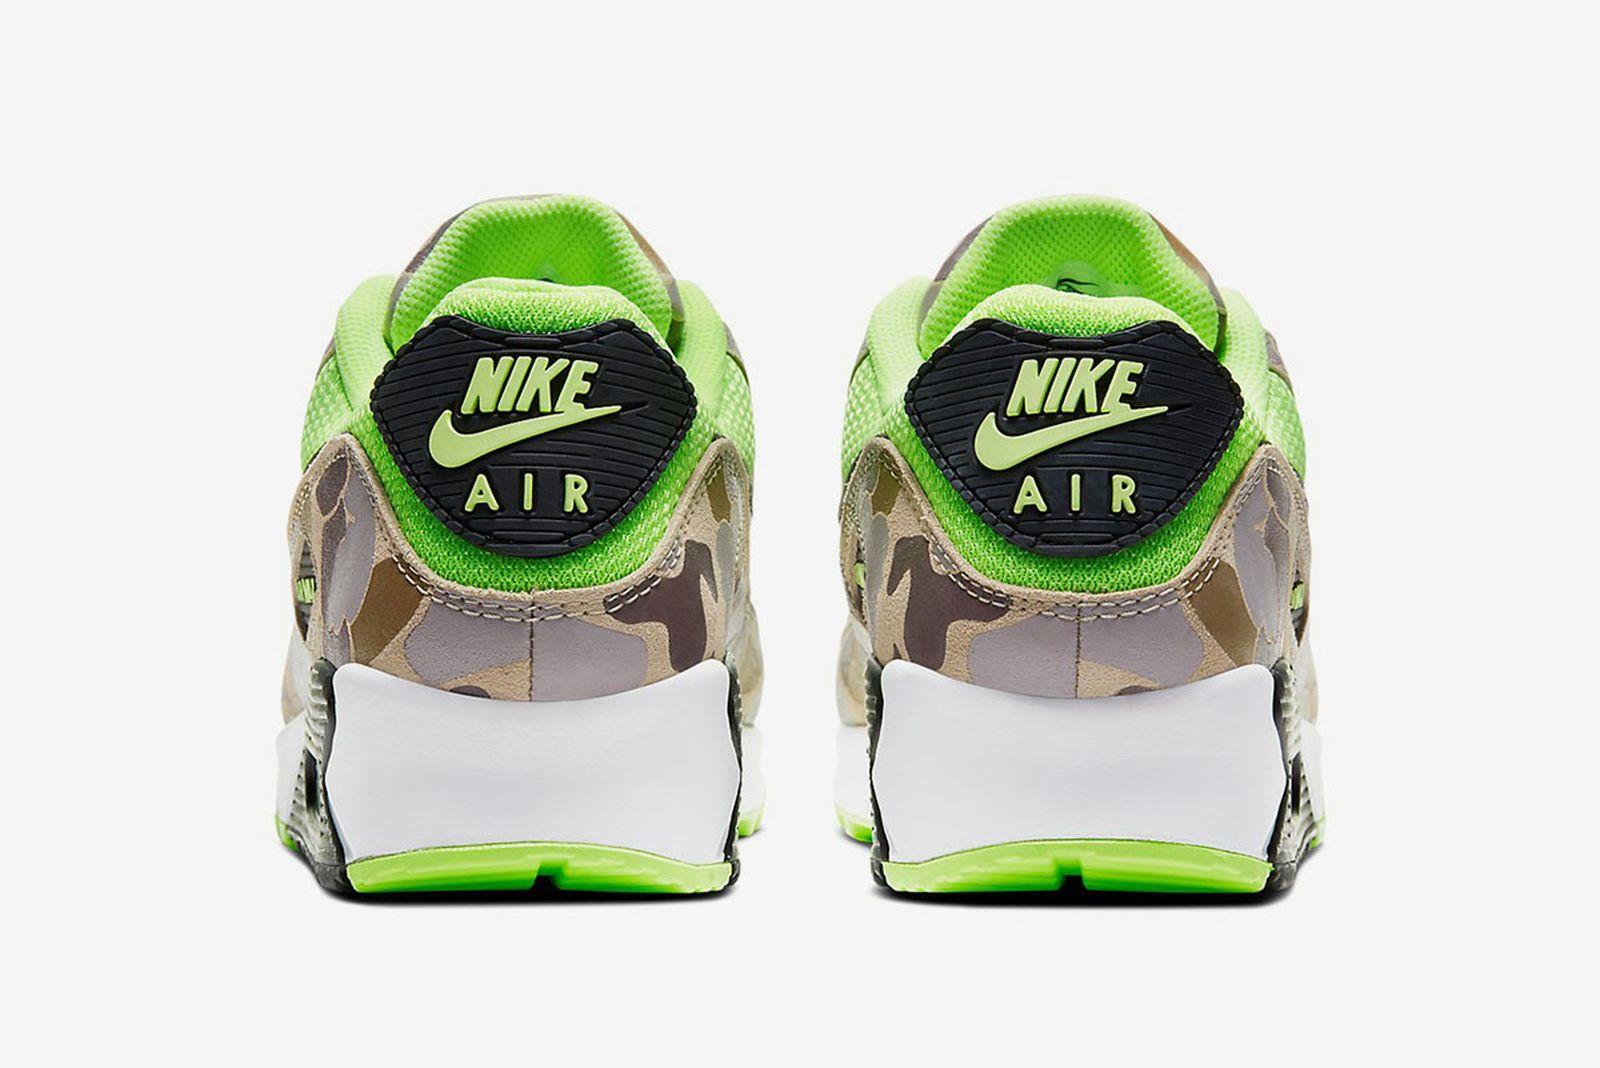 Air Max 90 'Green Camo'